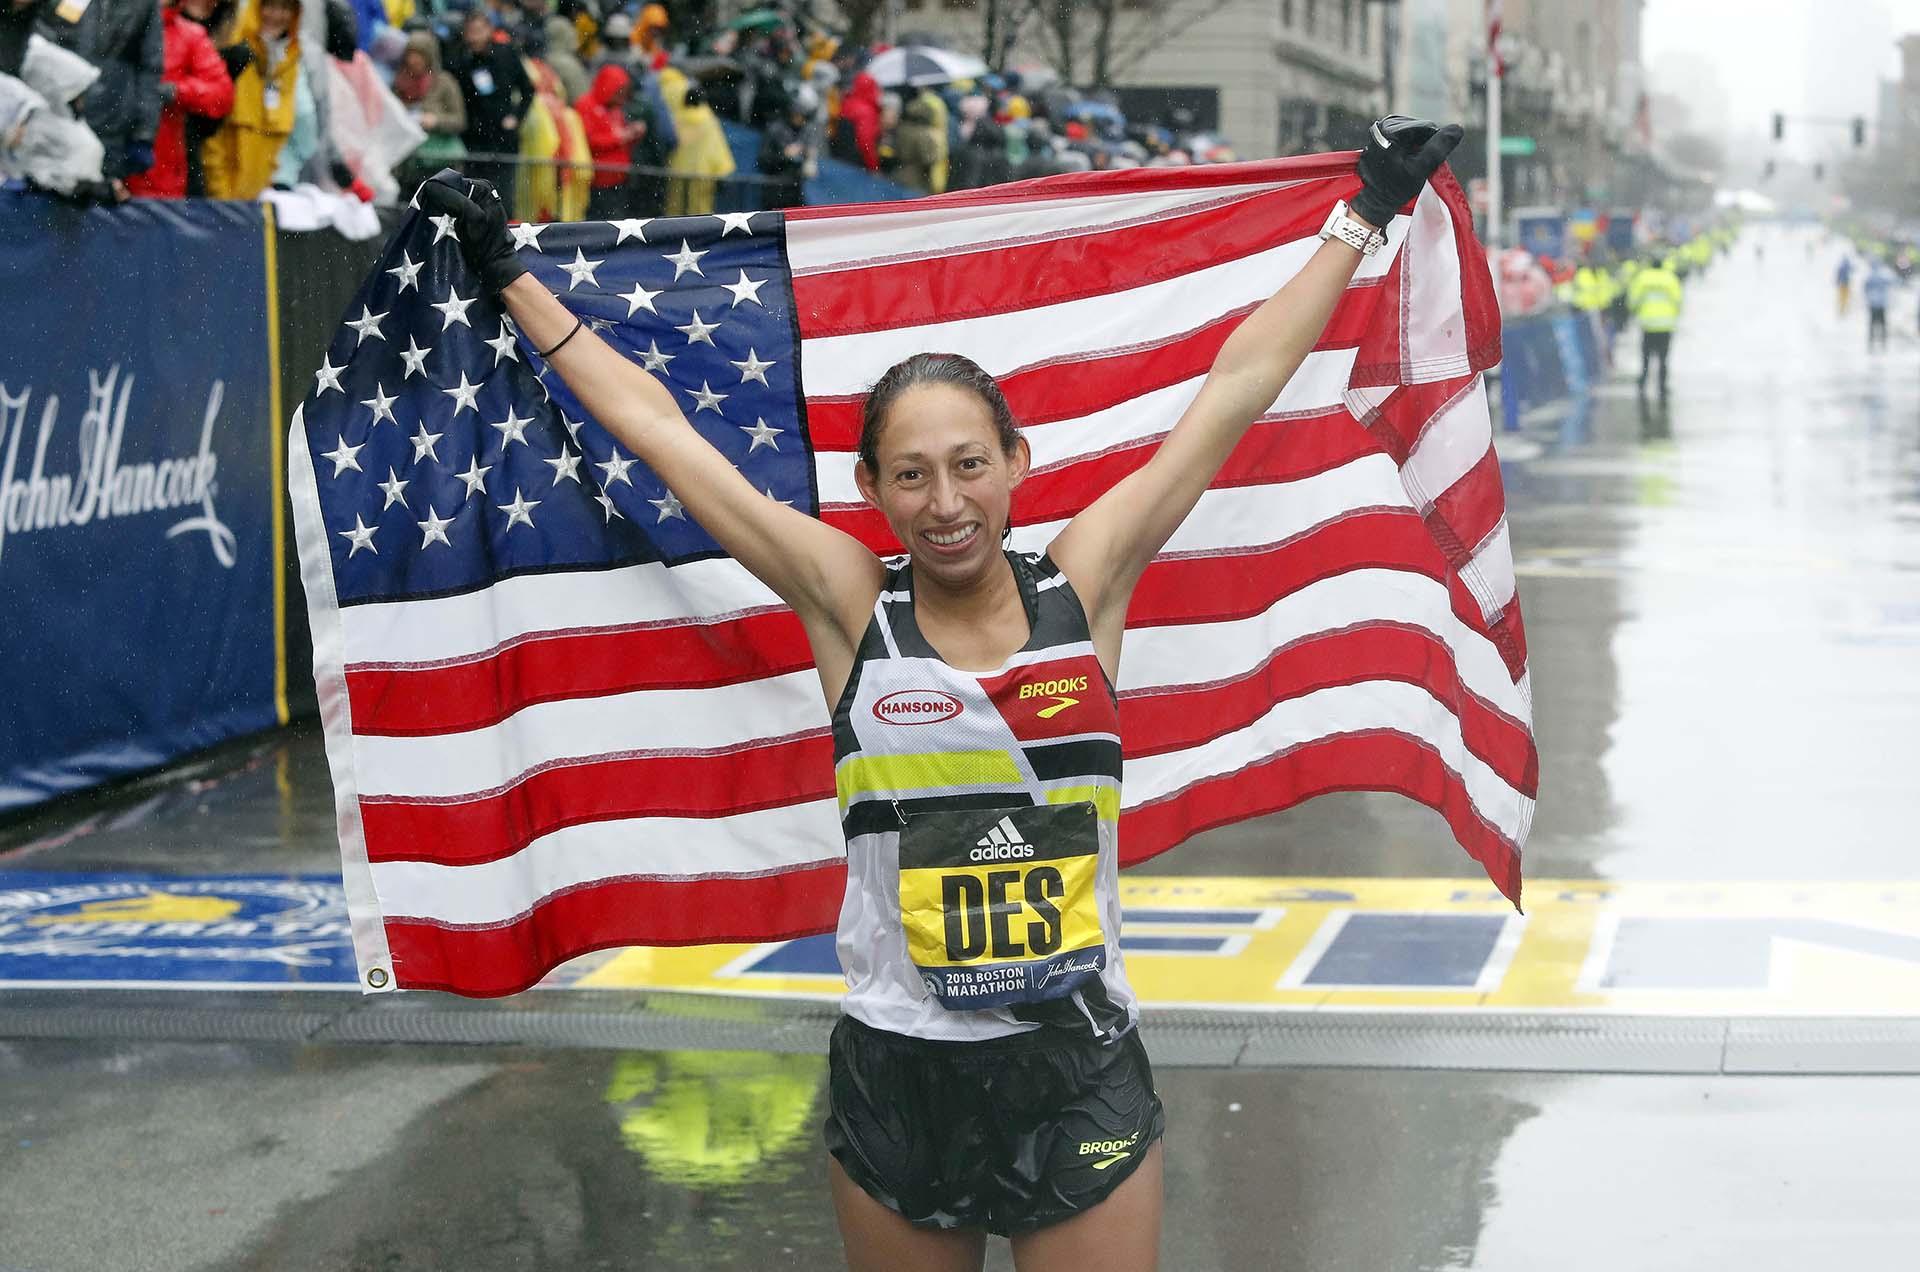 La norteamericana cruzó la línea de meta en primer lugar con un tiempo de 2h39:54 y es la primera corredora estadounidense que consigue la victoria en 33 años